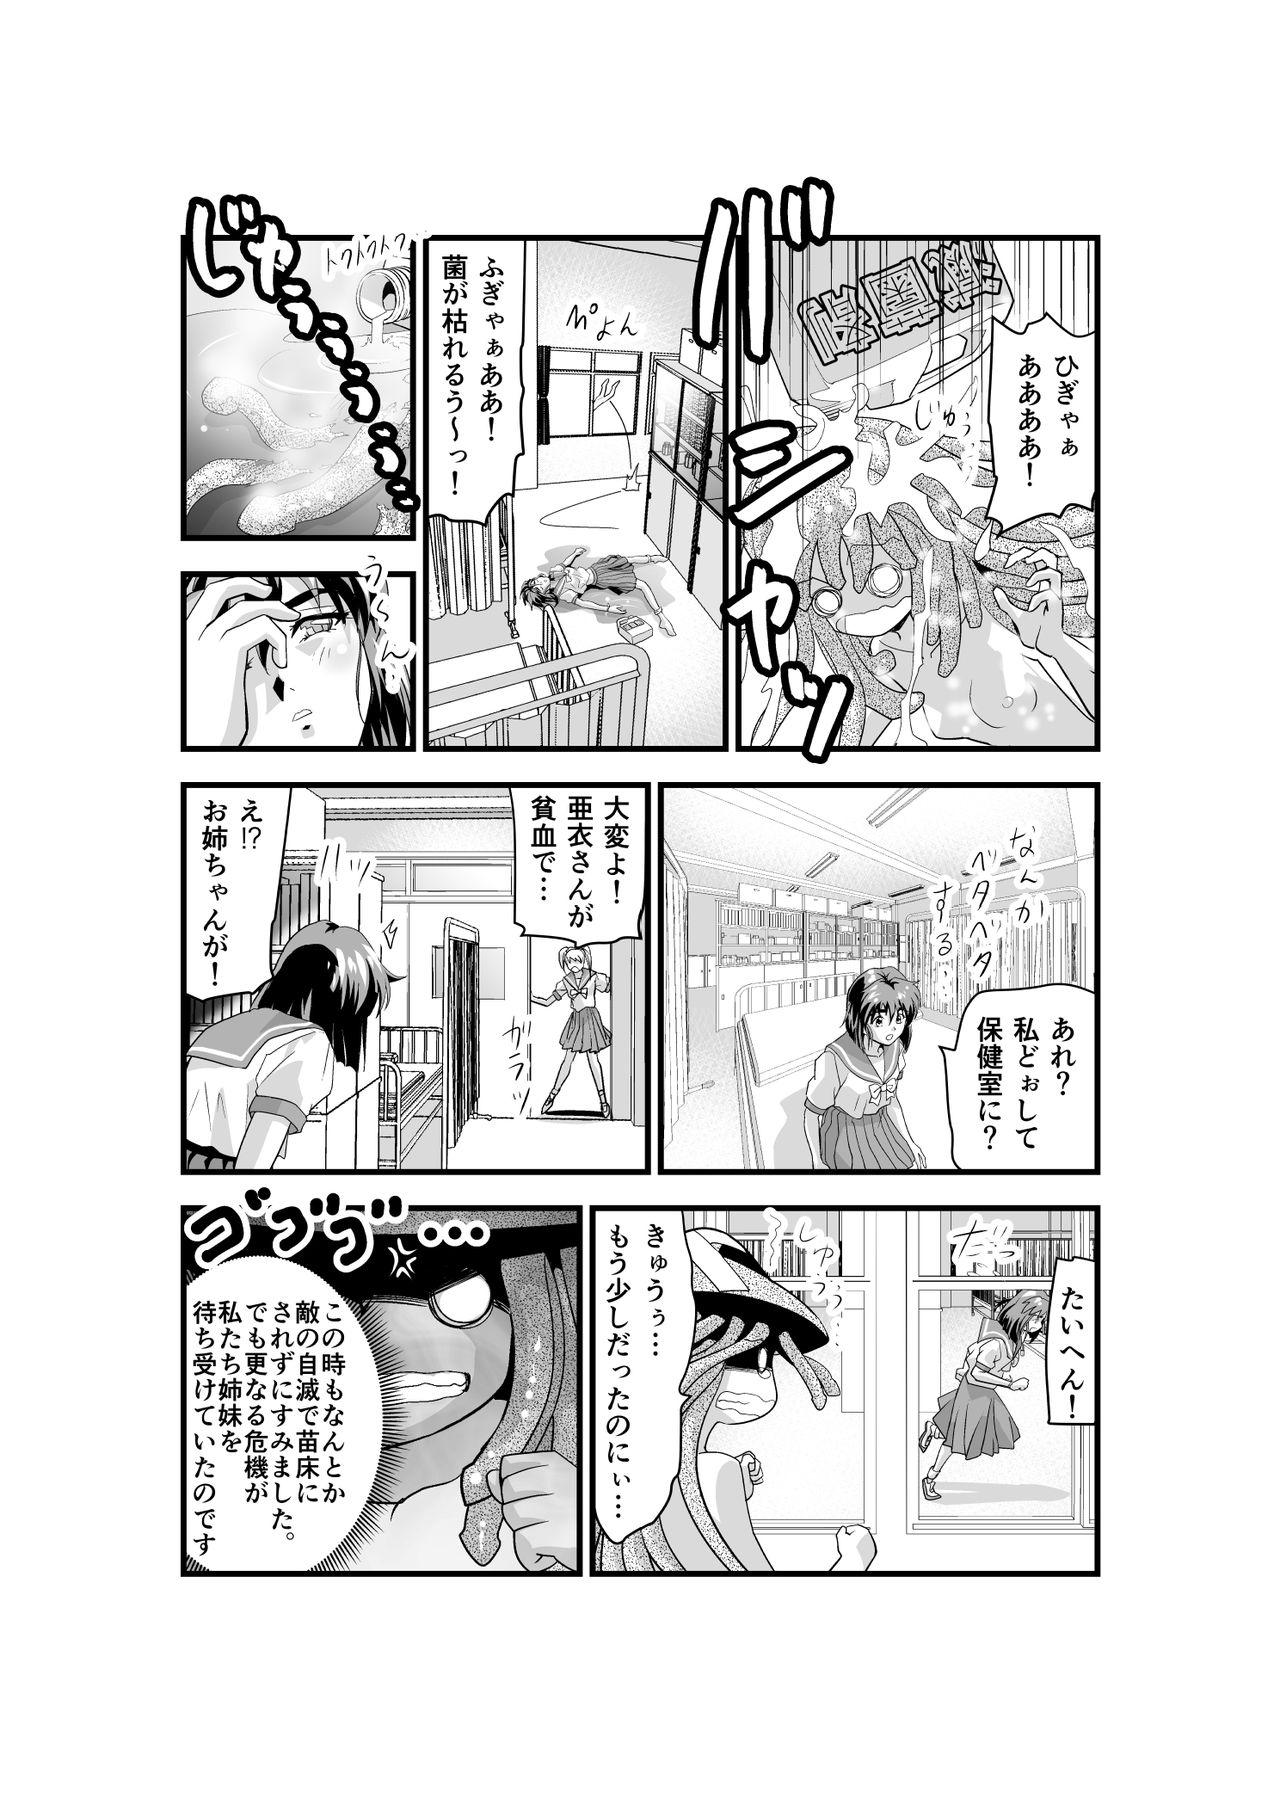 Matsukasa Illusion Dainiya 61